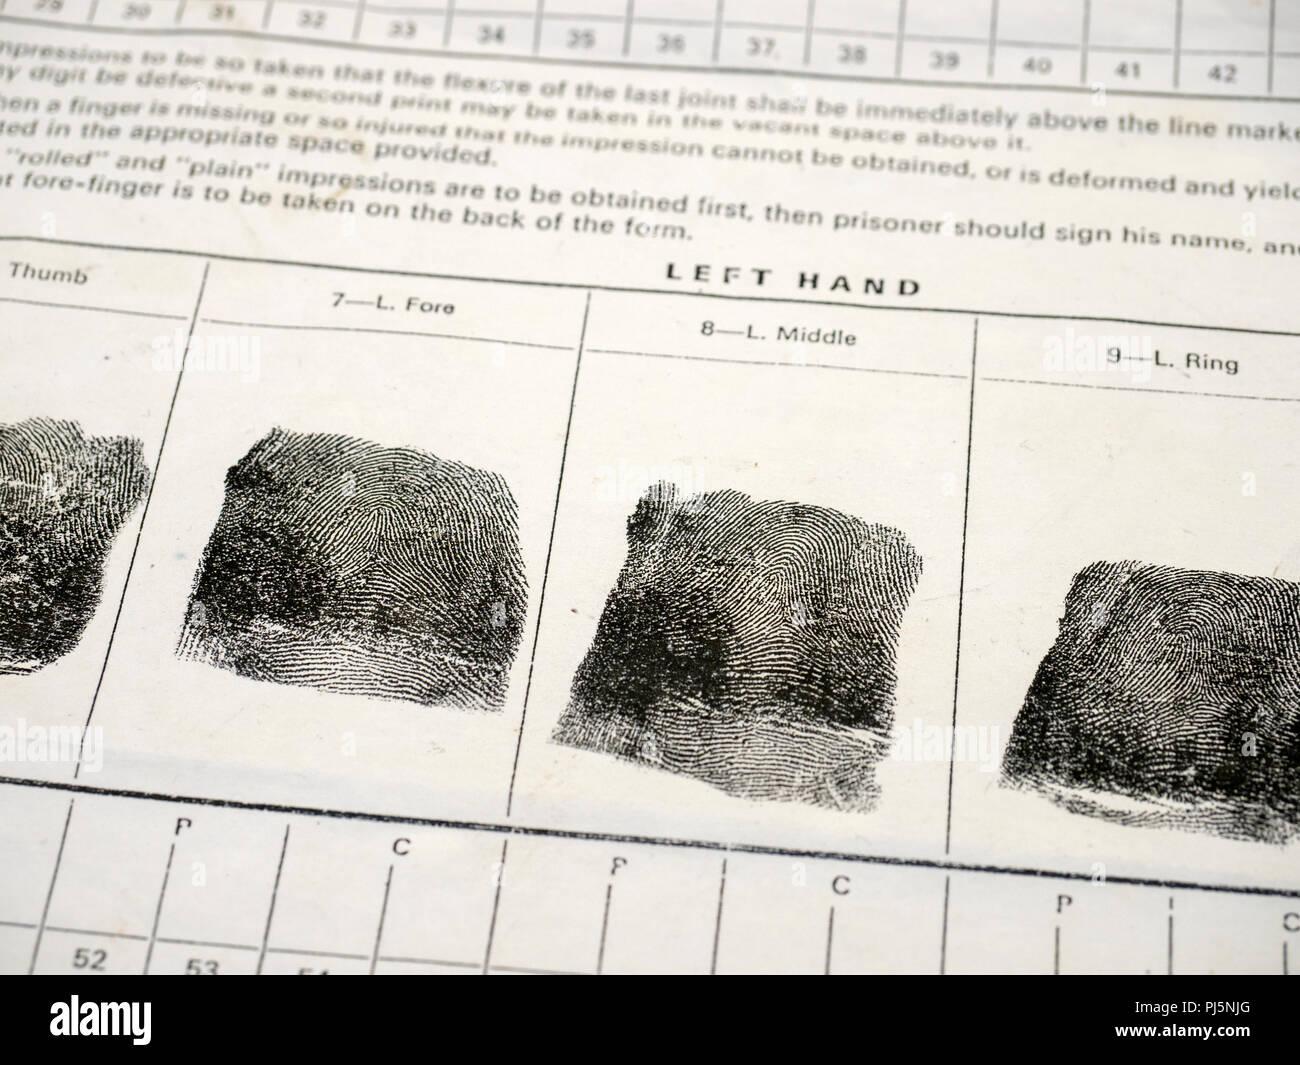 Des empreintes digitales sur une ancienne forme d'empreintes digitales comme utilisé historiquement par le Royaume-Uni Service pénitentiaire. Photo Stock